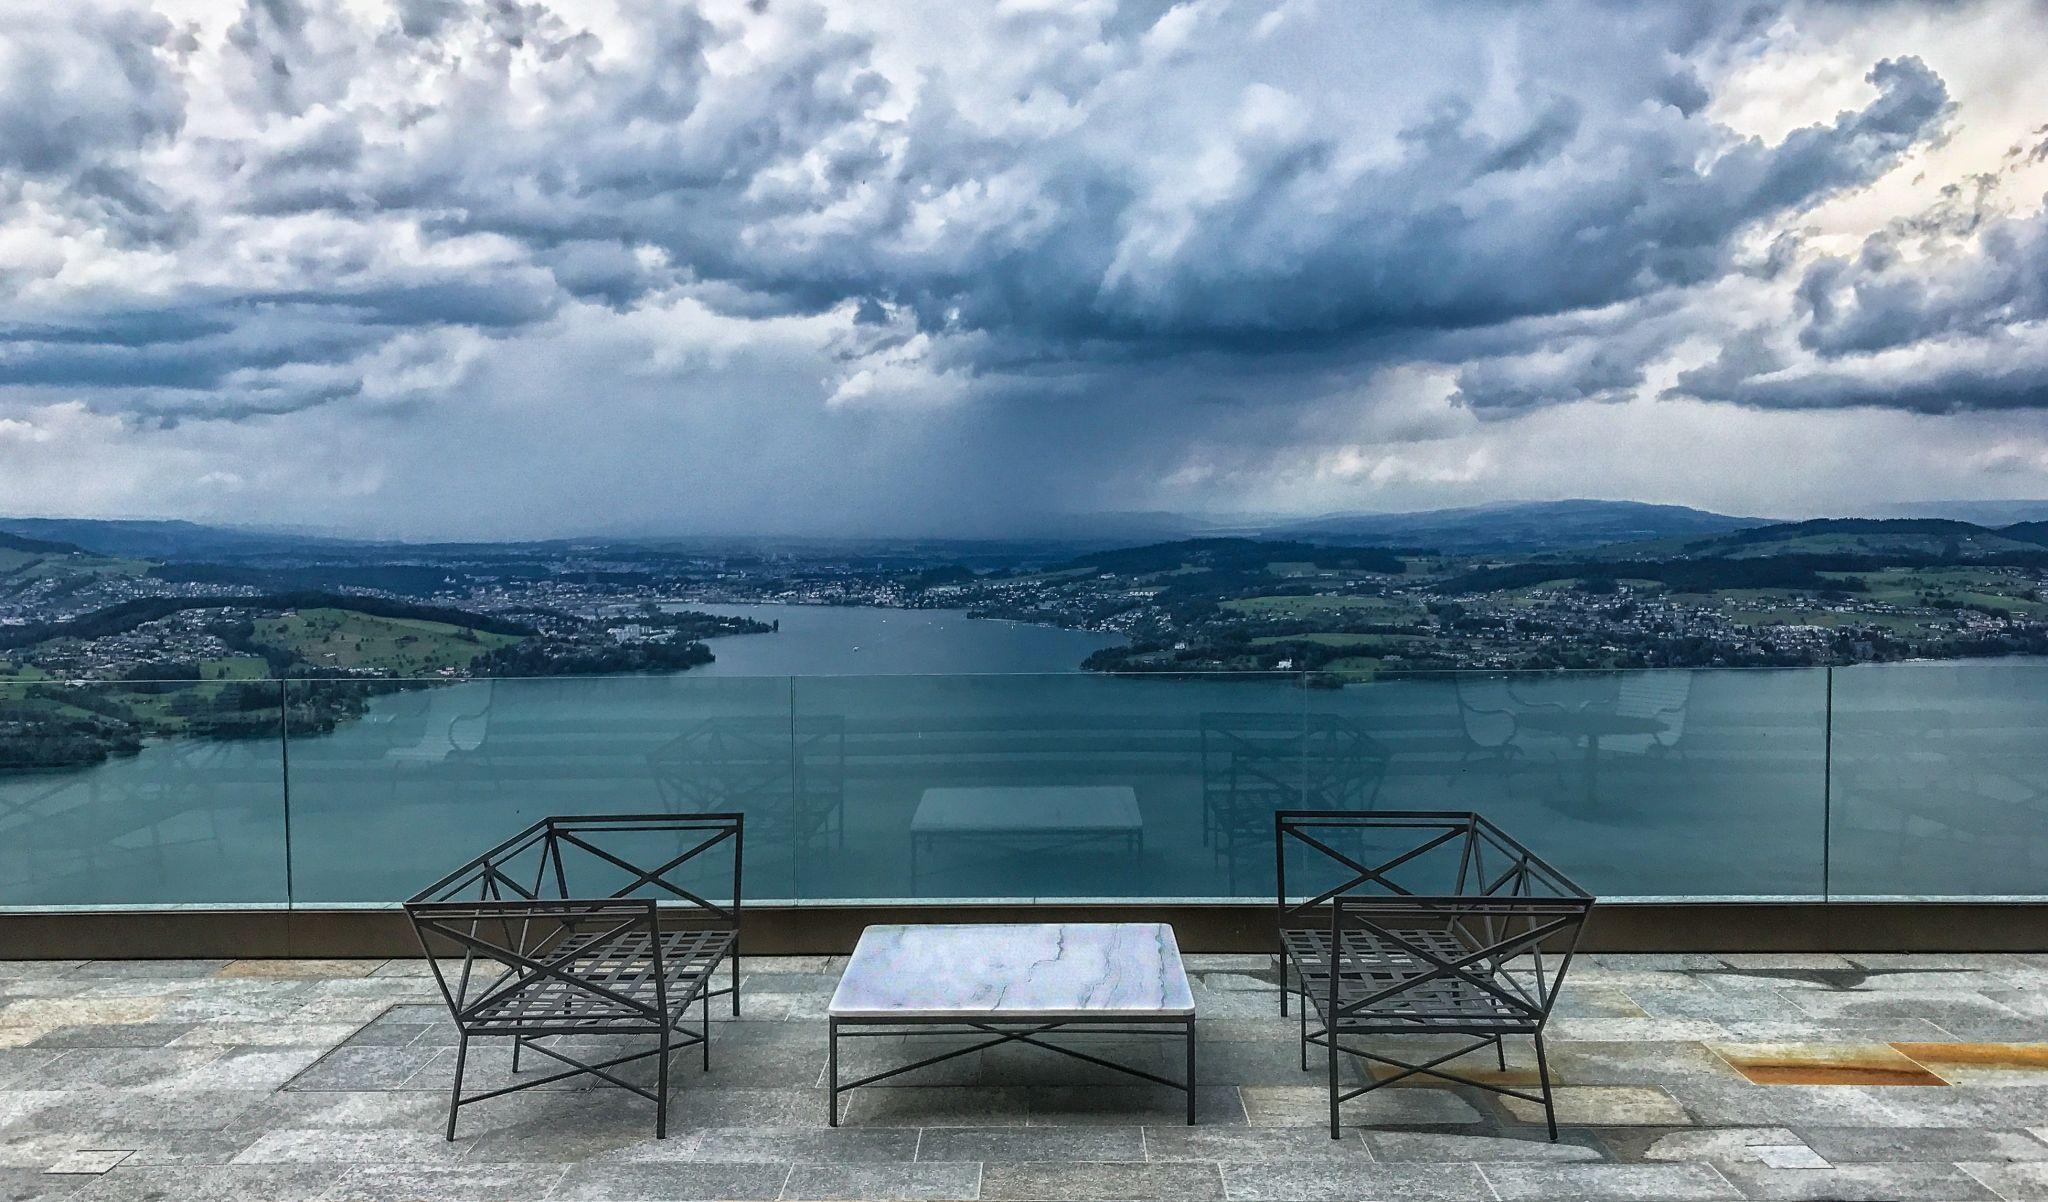 Resort, Switzerland